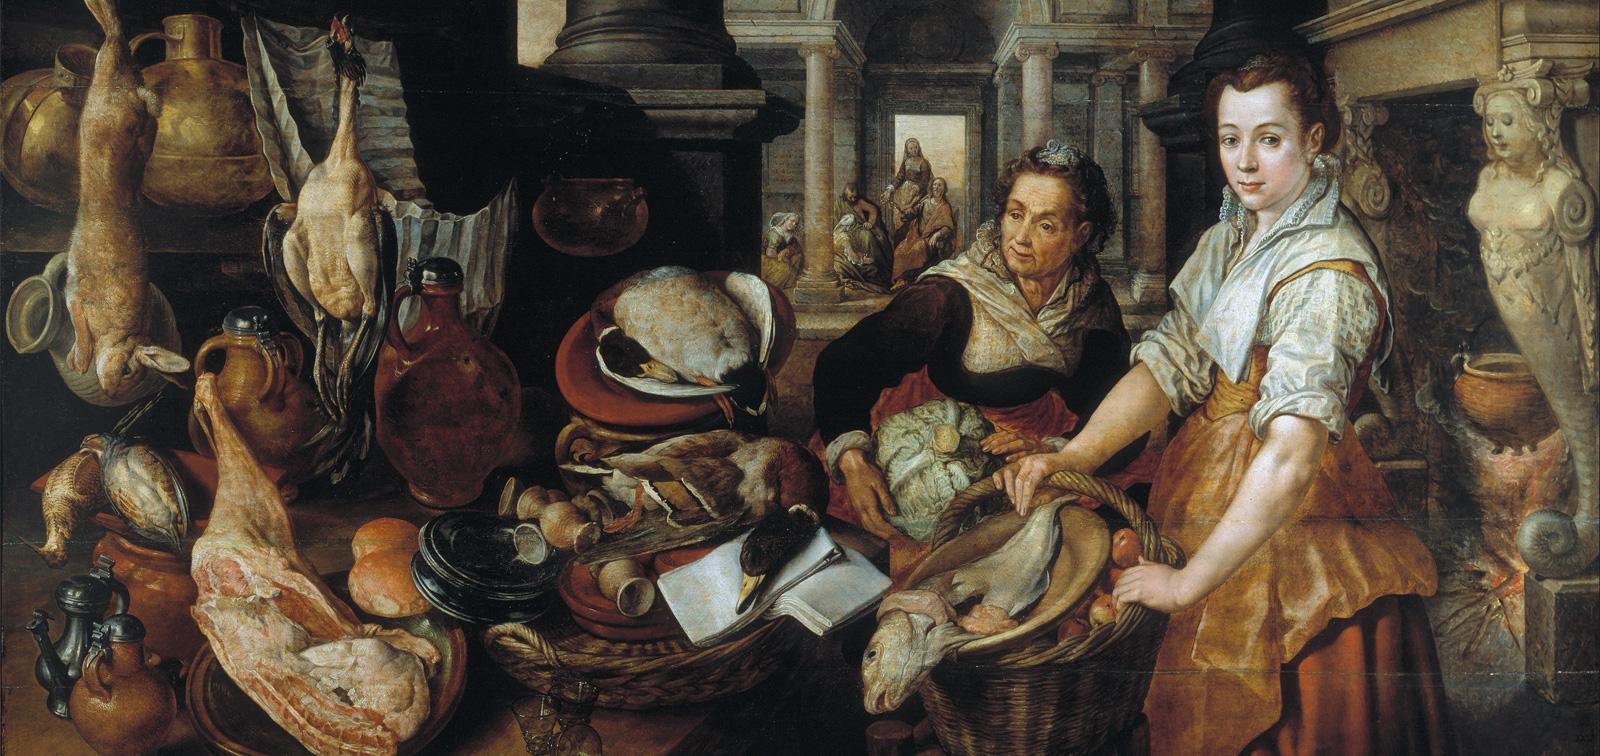 Fábulas de Velázquez: Mitología e Historia Sagrada                                      en el Siglo de Oro